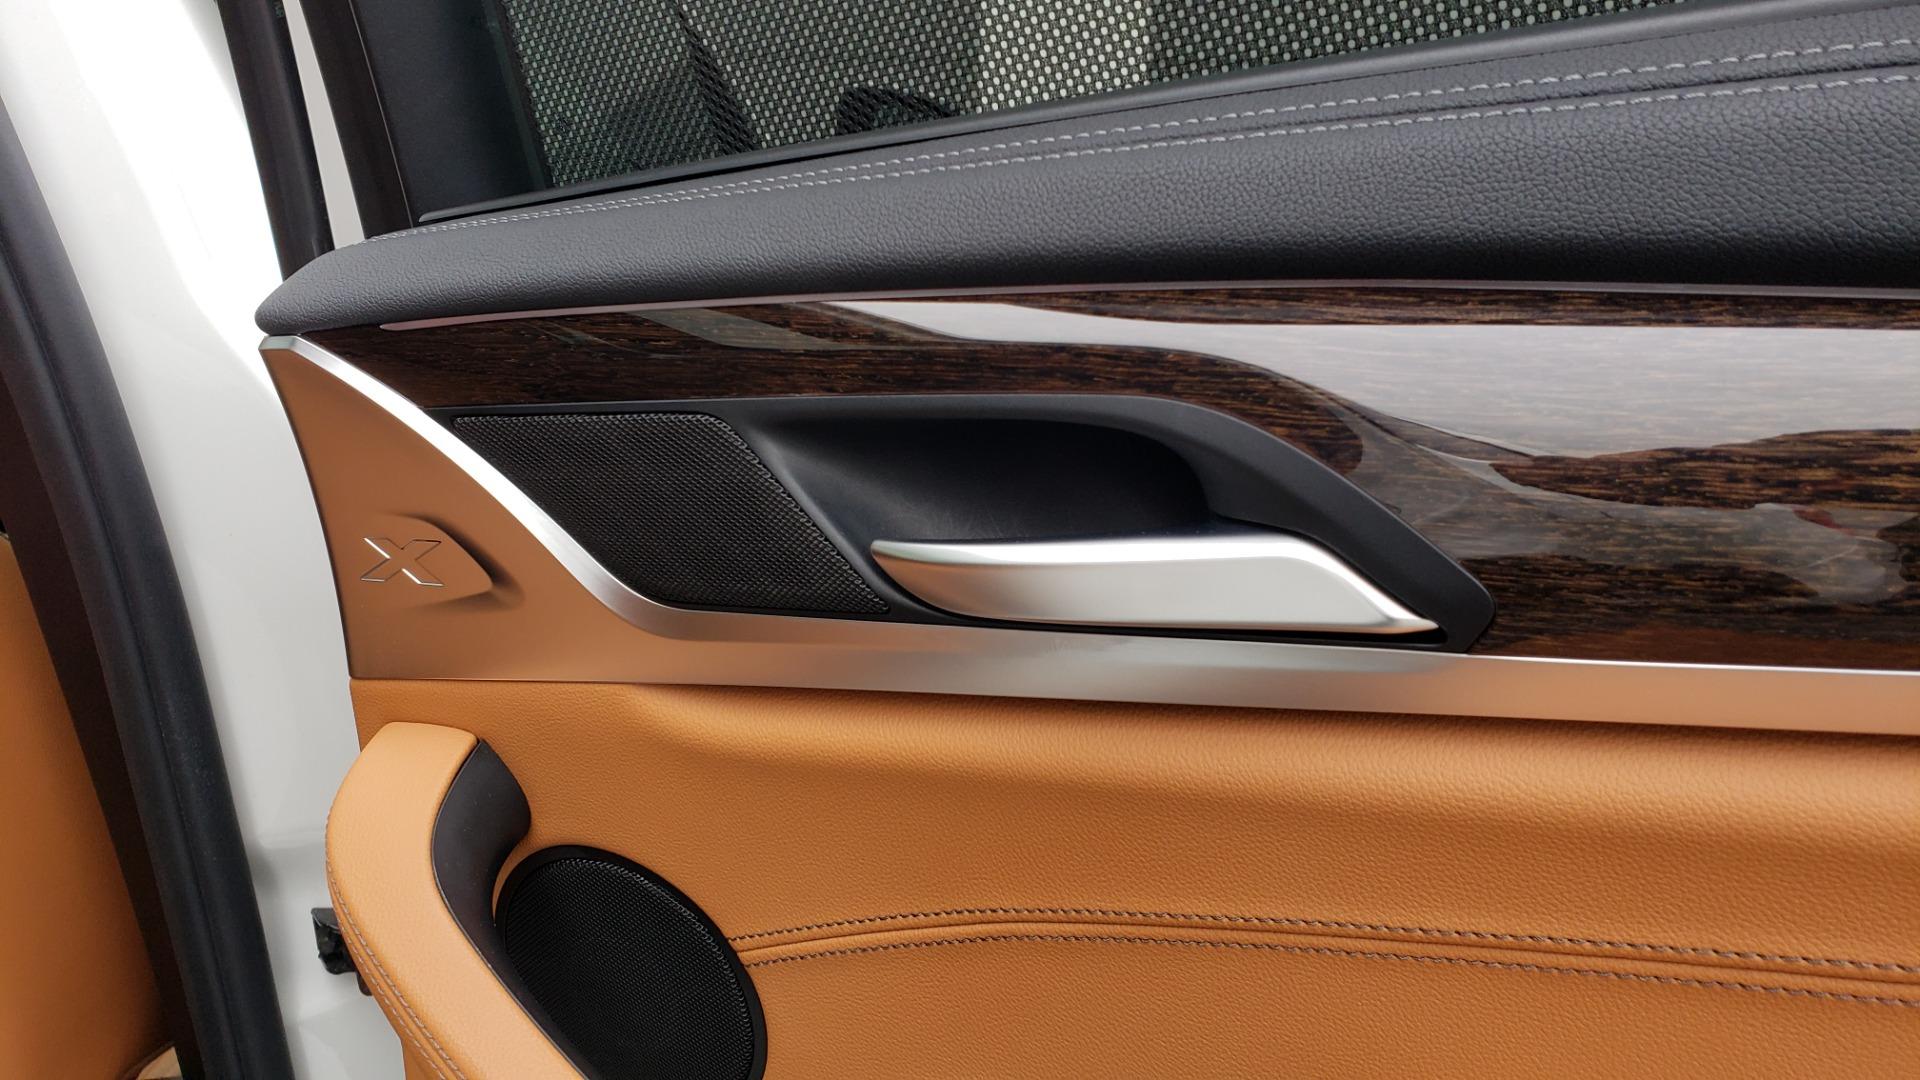 Used 2018 BMW X3 XDRIVE30I / LUX PKG / PREM PKG / CONV PKG / PDC / APPLE CARPLAY for sale Sold at Formula Imports in Charlotte NC 28227 77